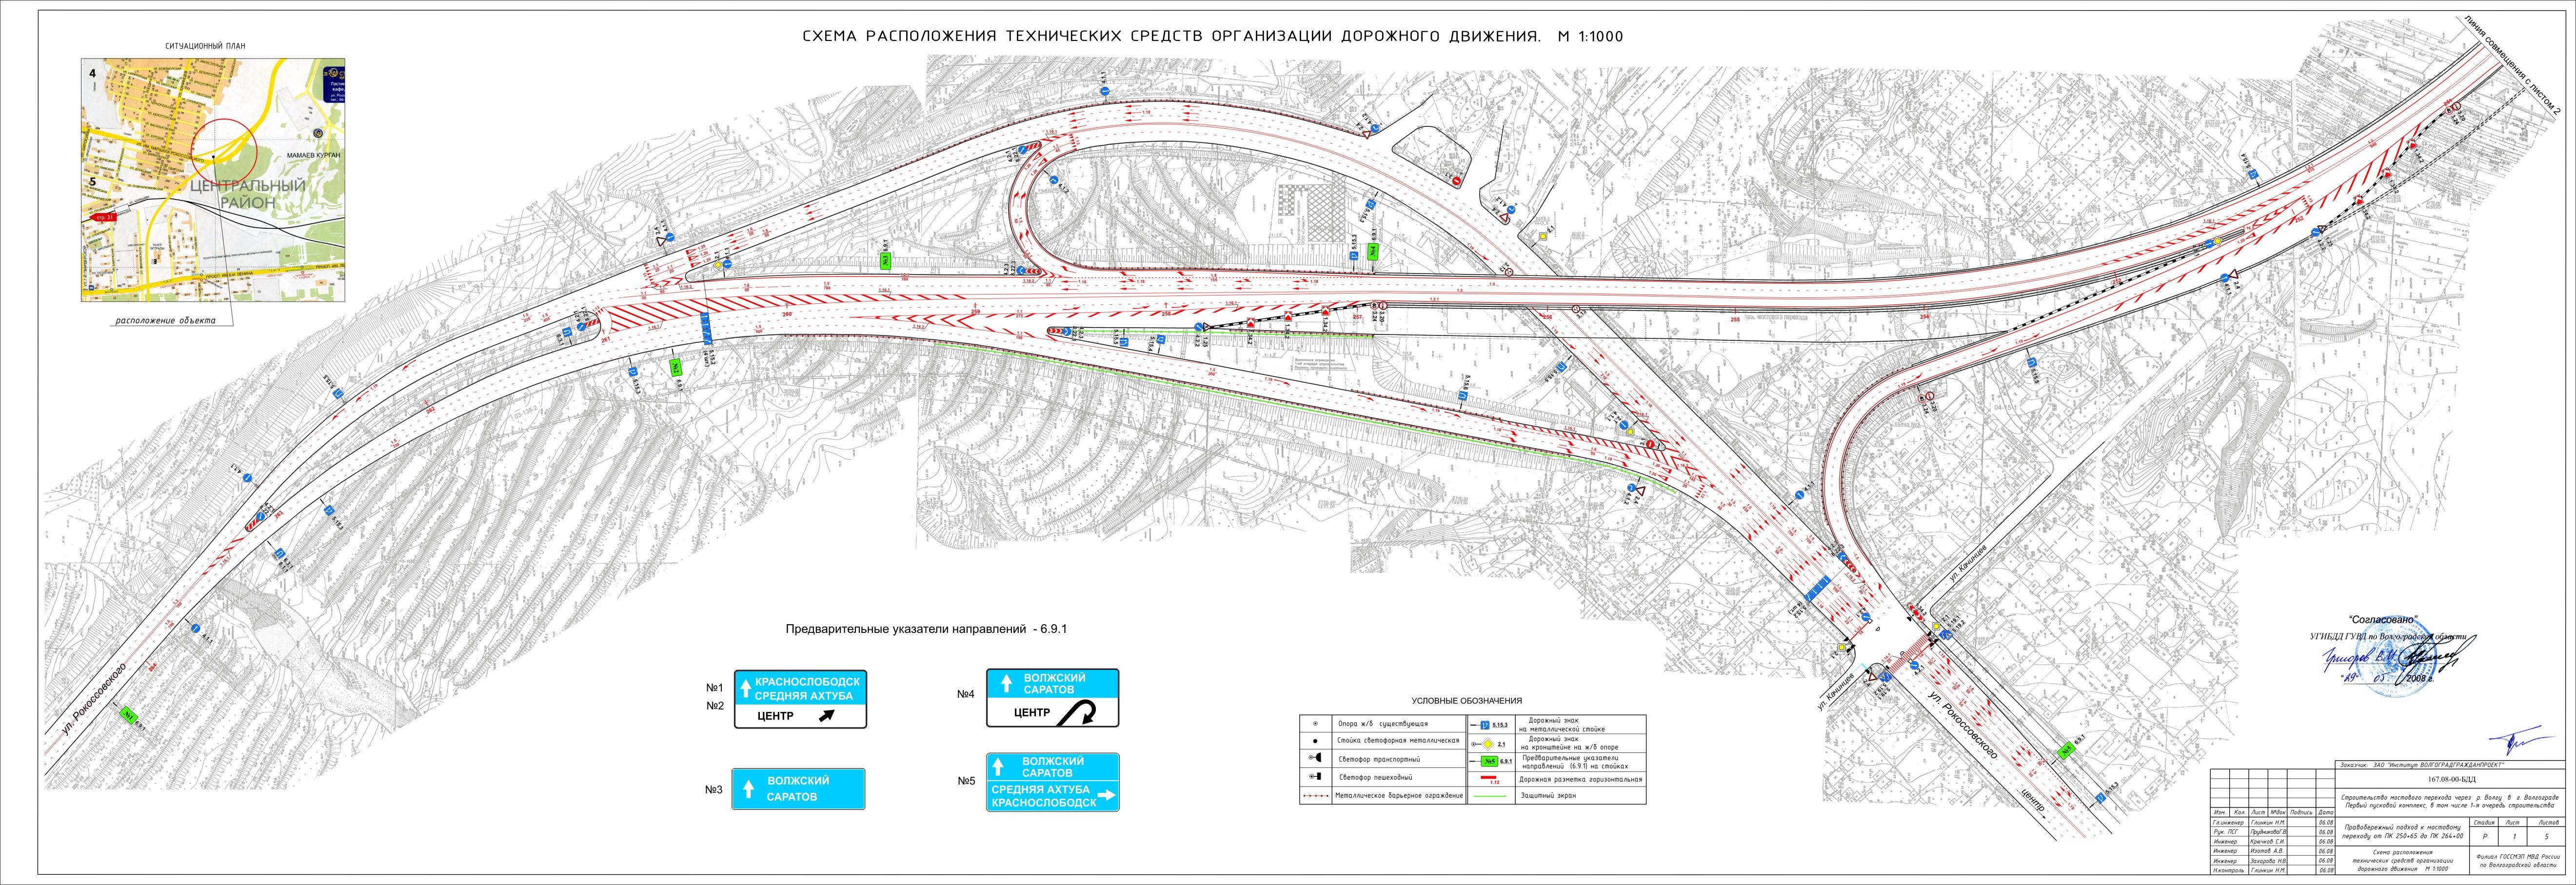 Схемы развязок нового моста через волгу